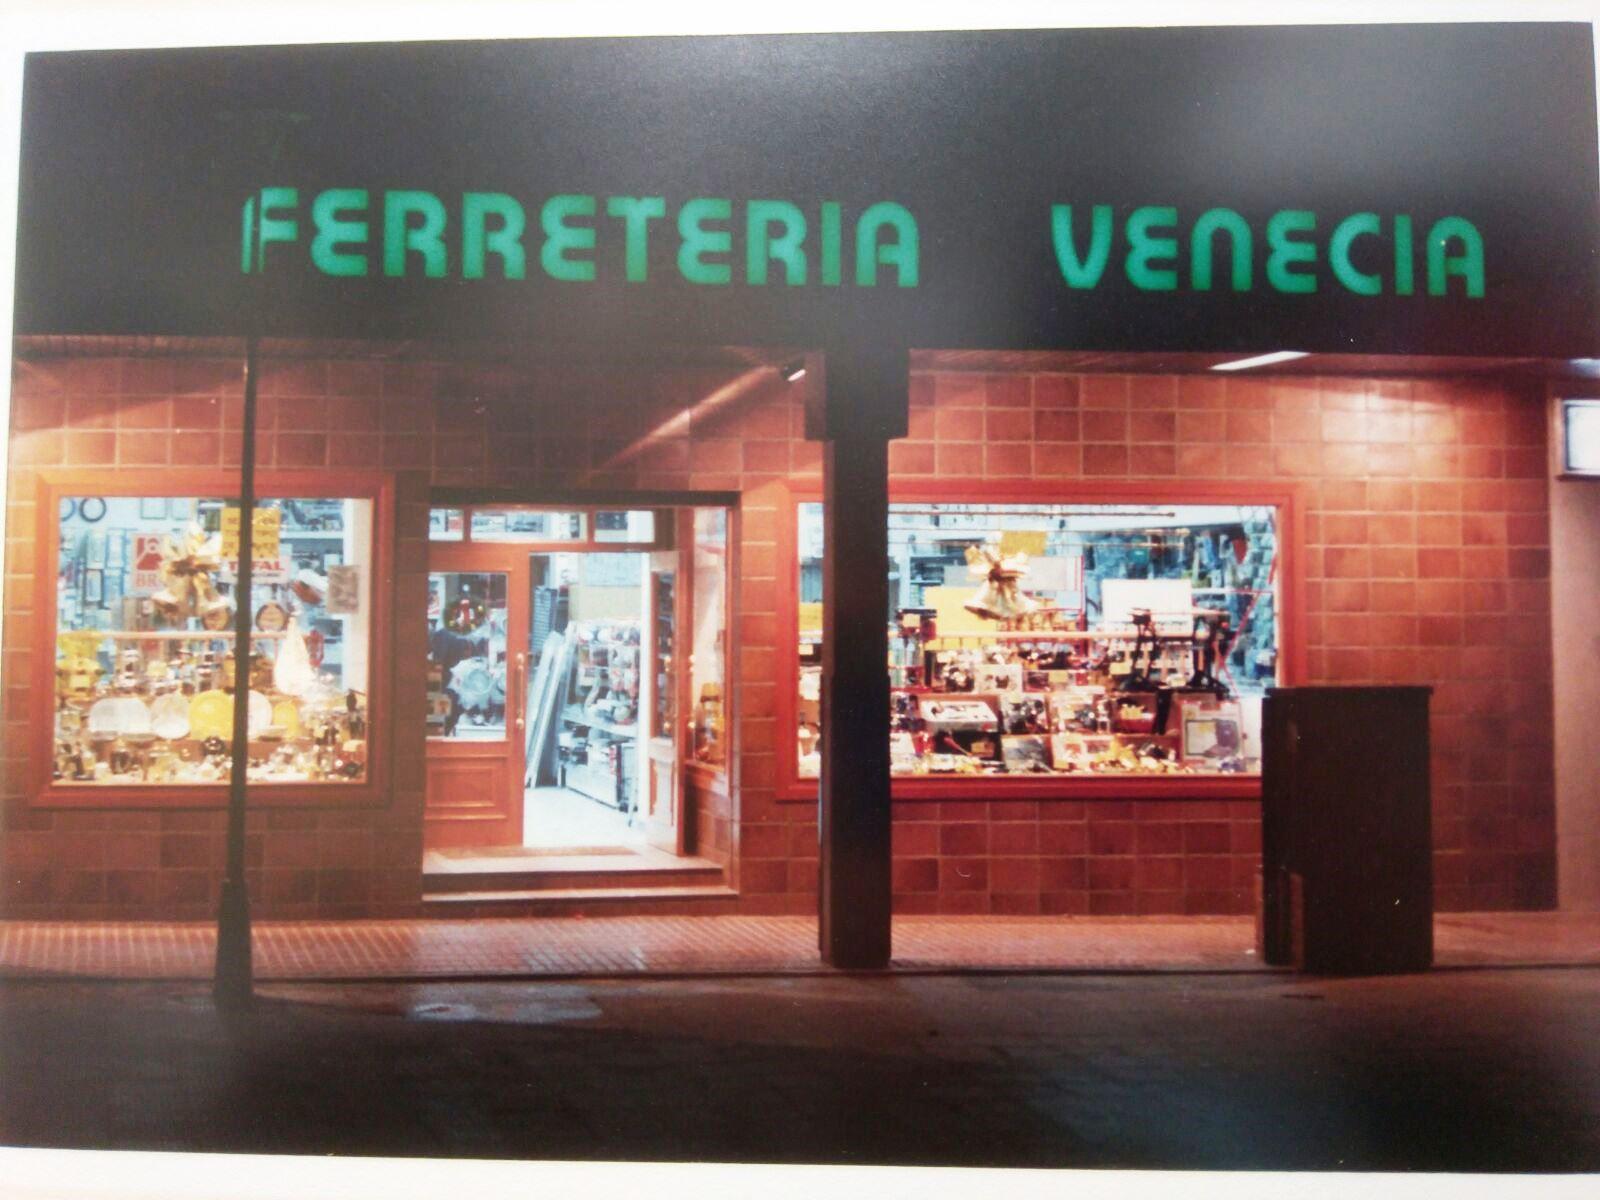 ferreteria venecia